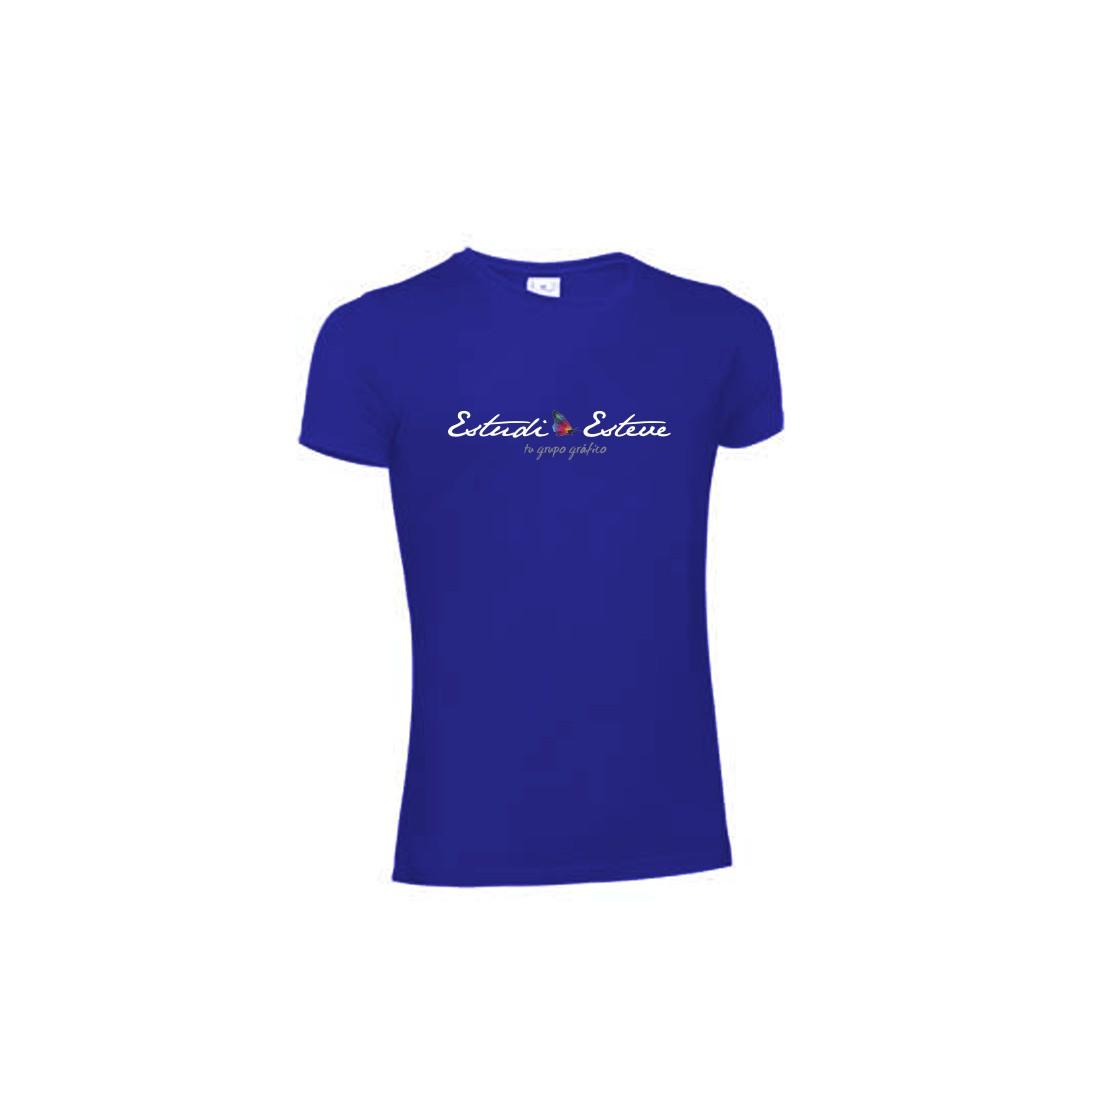 ▷ Camisetas personalizadas en Barcelona en 24h  c08f81f58c2e0